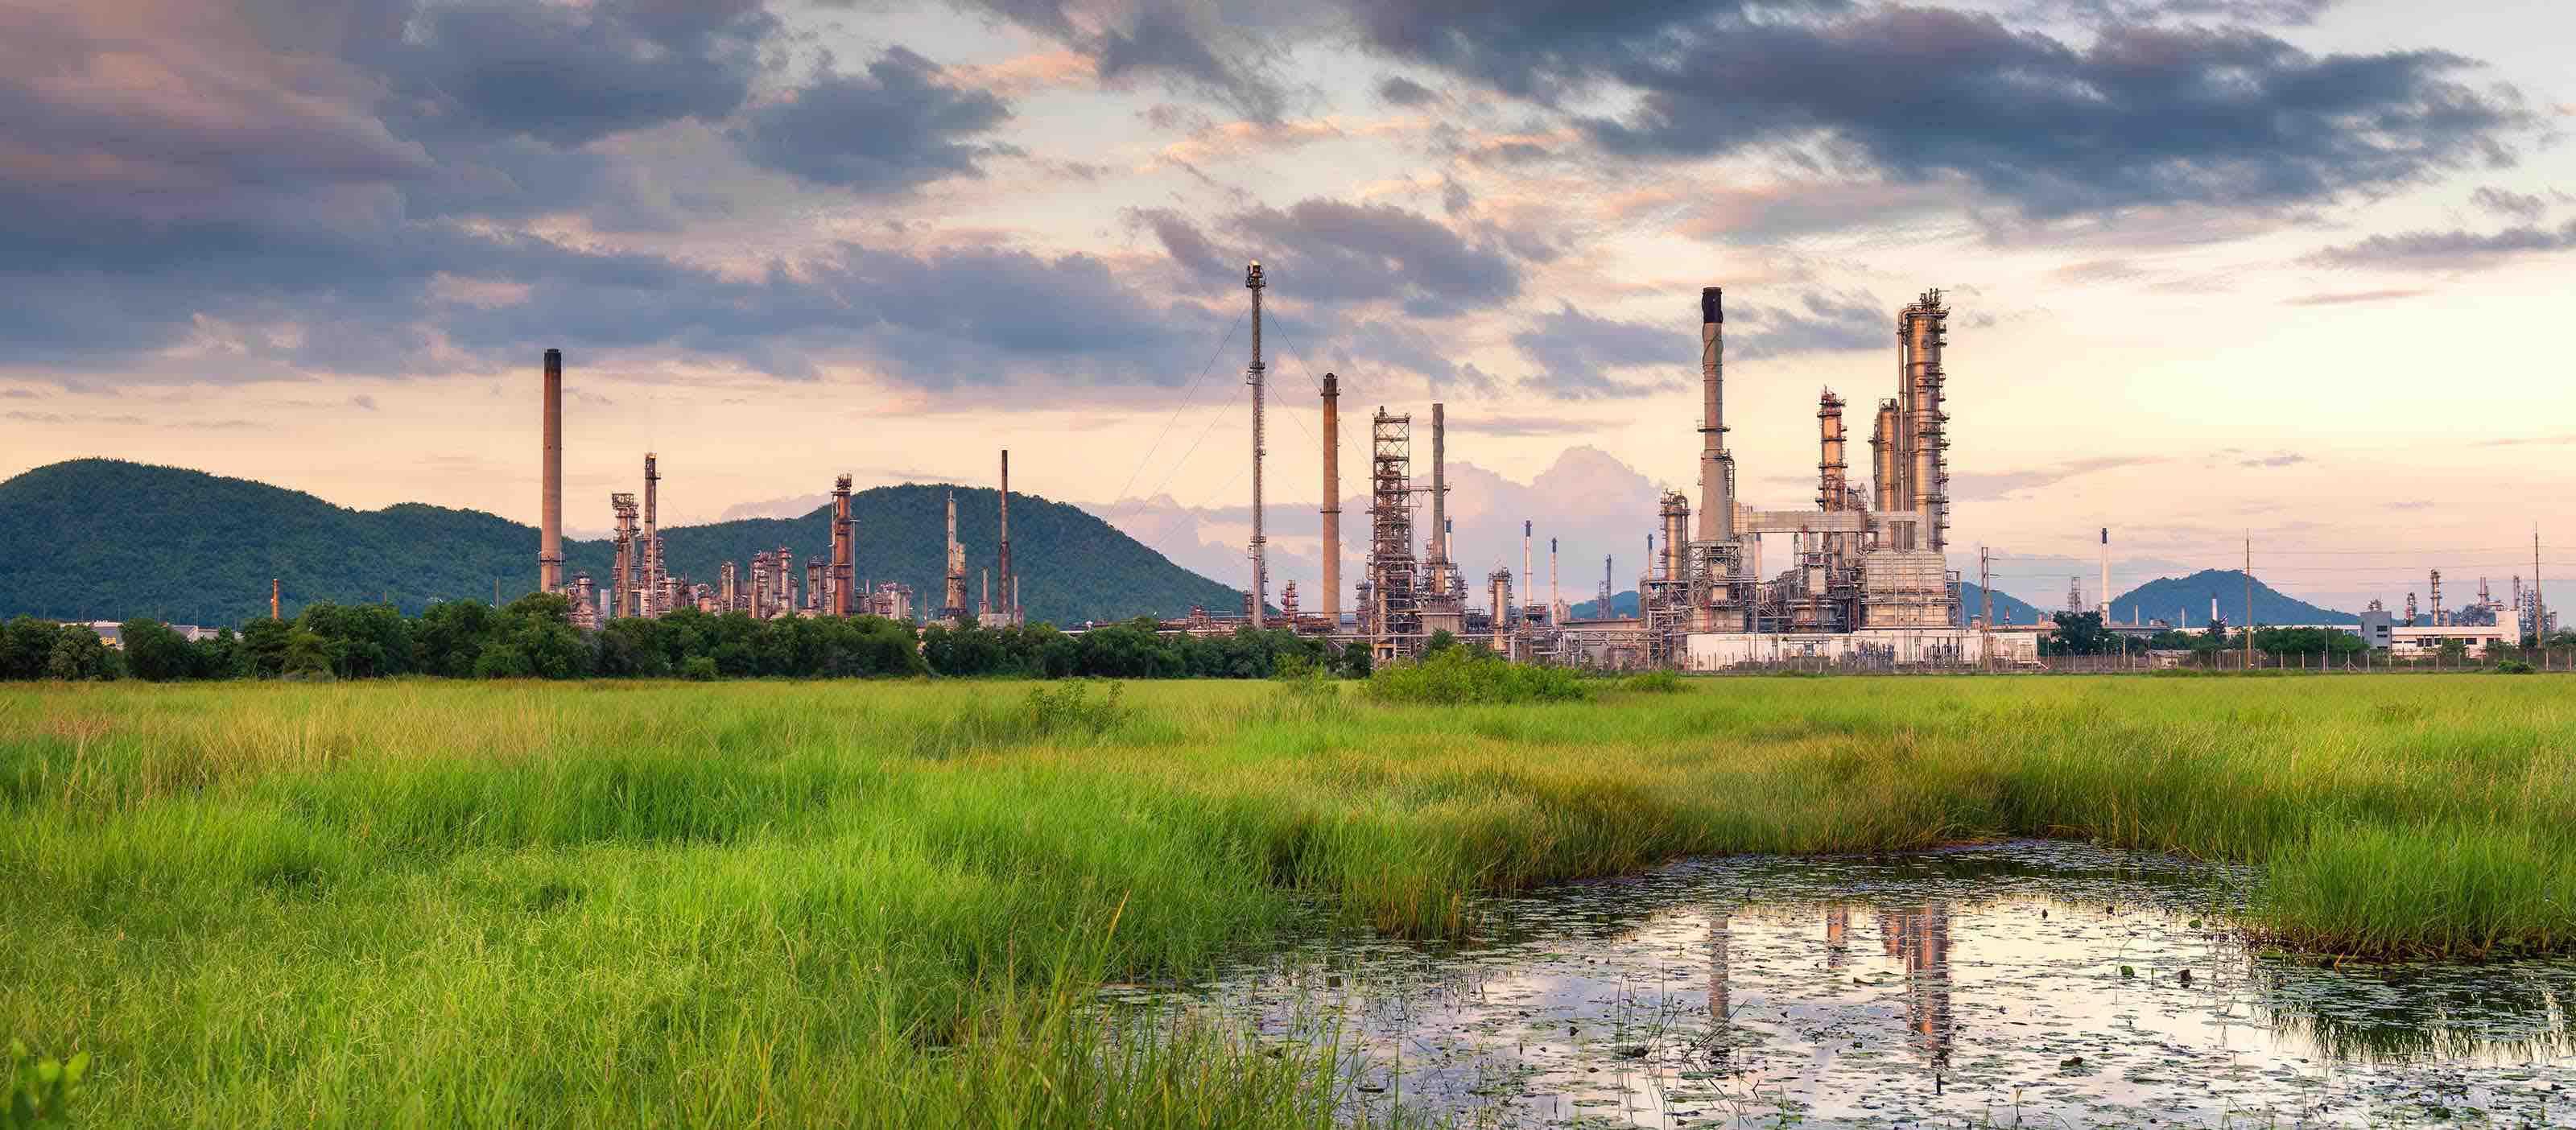 Oil refinery | GE Digital